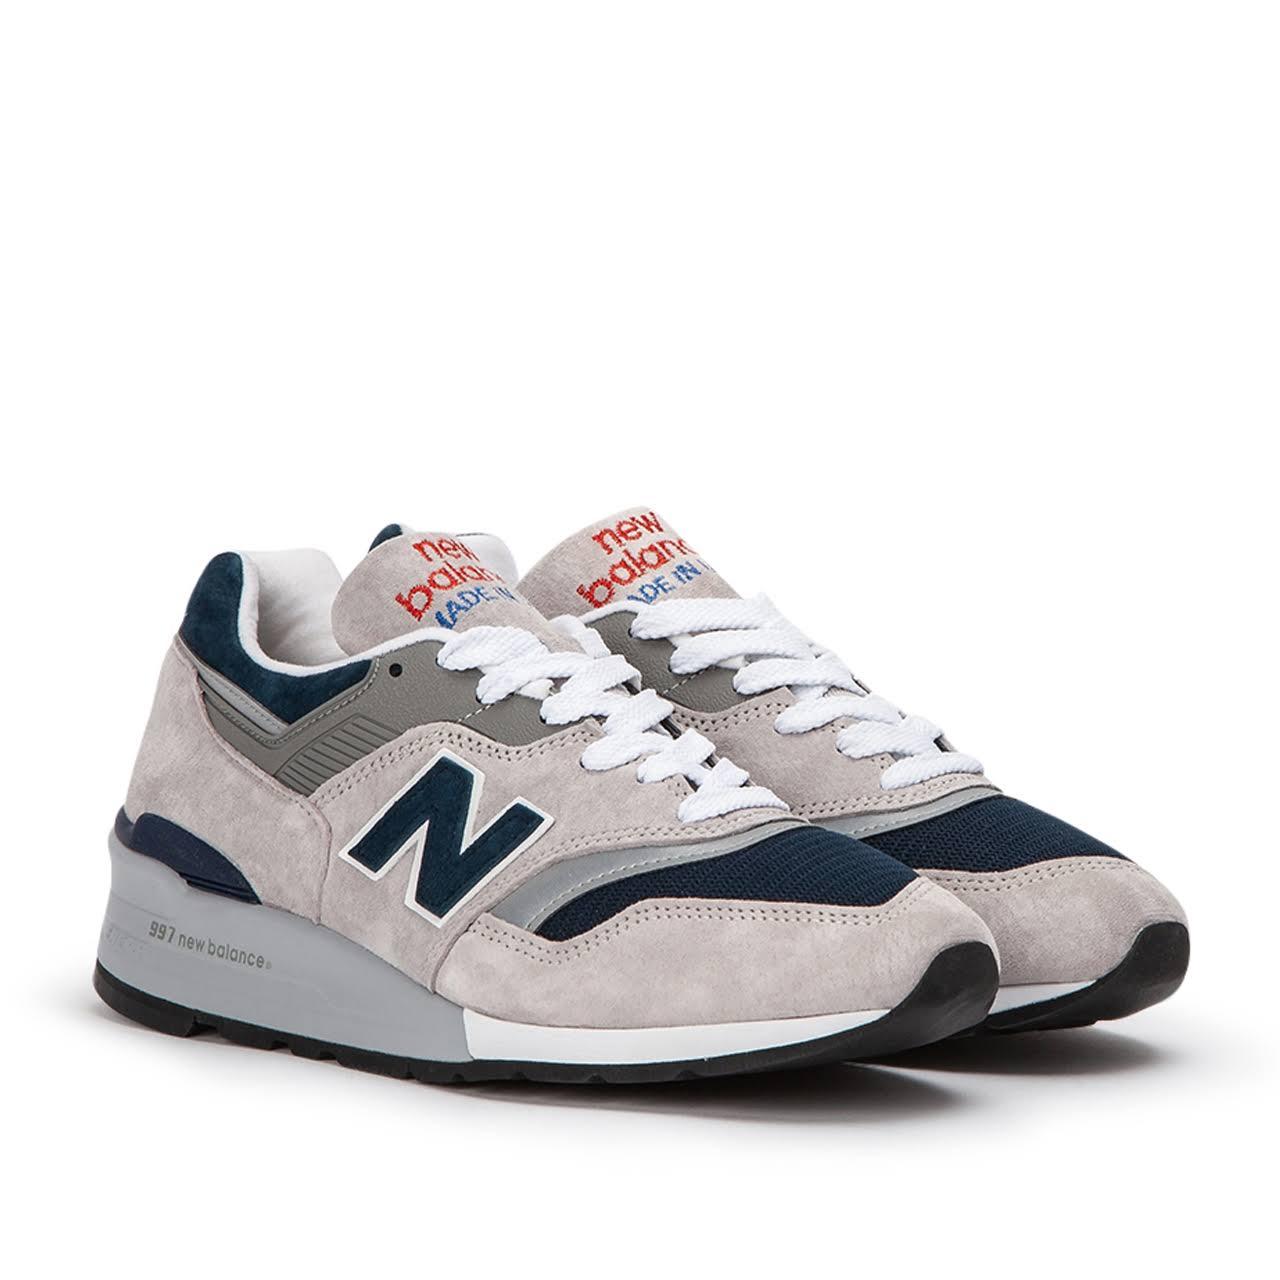 Blau Grau grau New Web M Navy Balance 997 xnFY0Aqaw